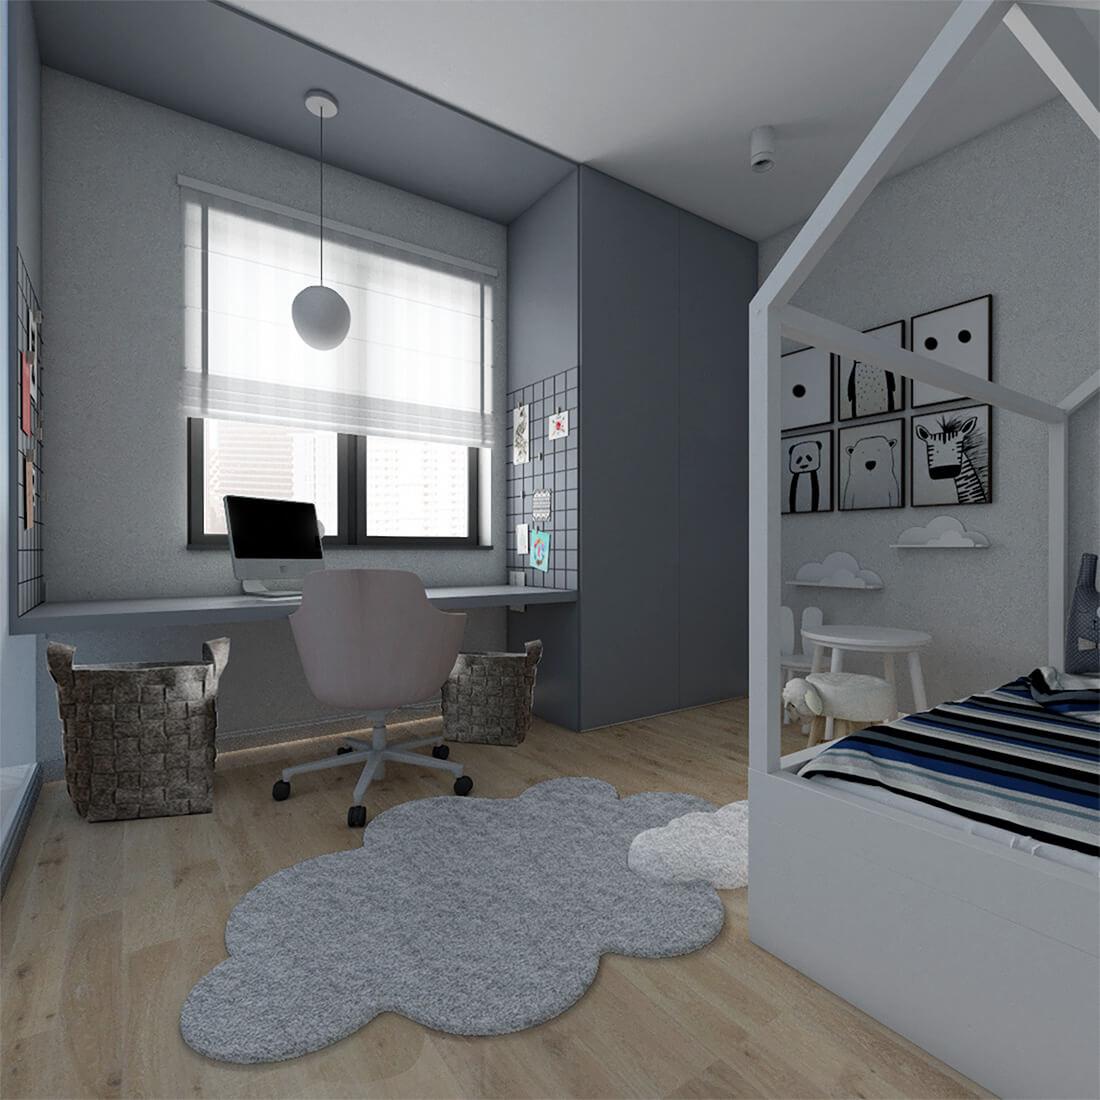 pokój dziecka w mieszkaniu 60m2